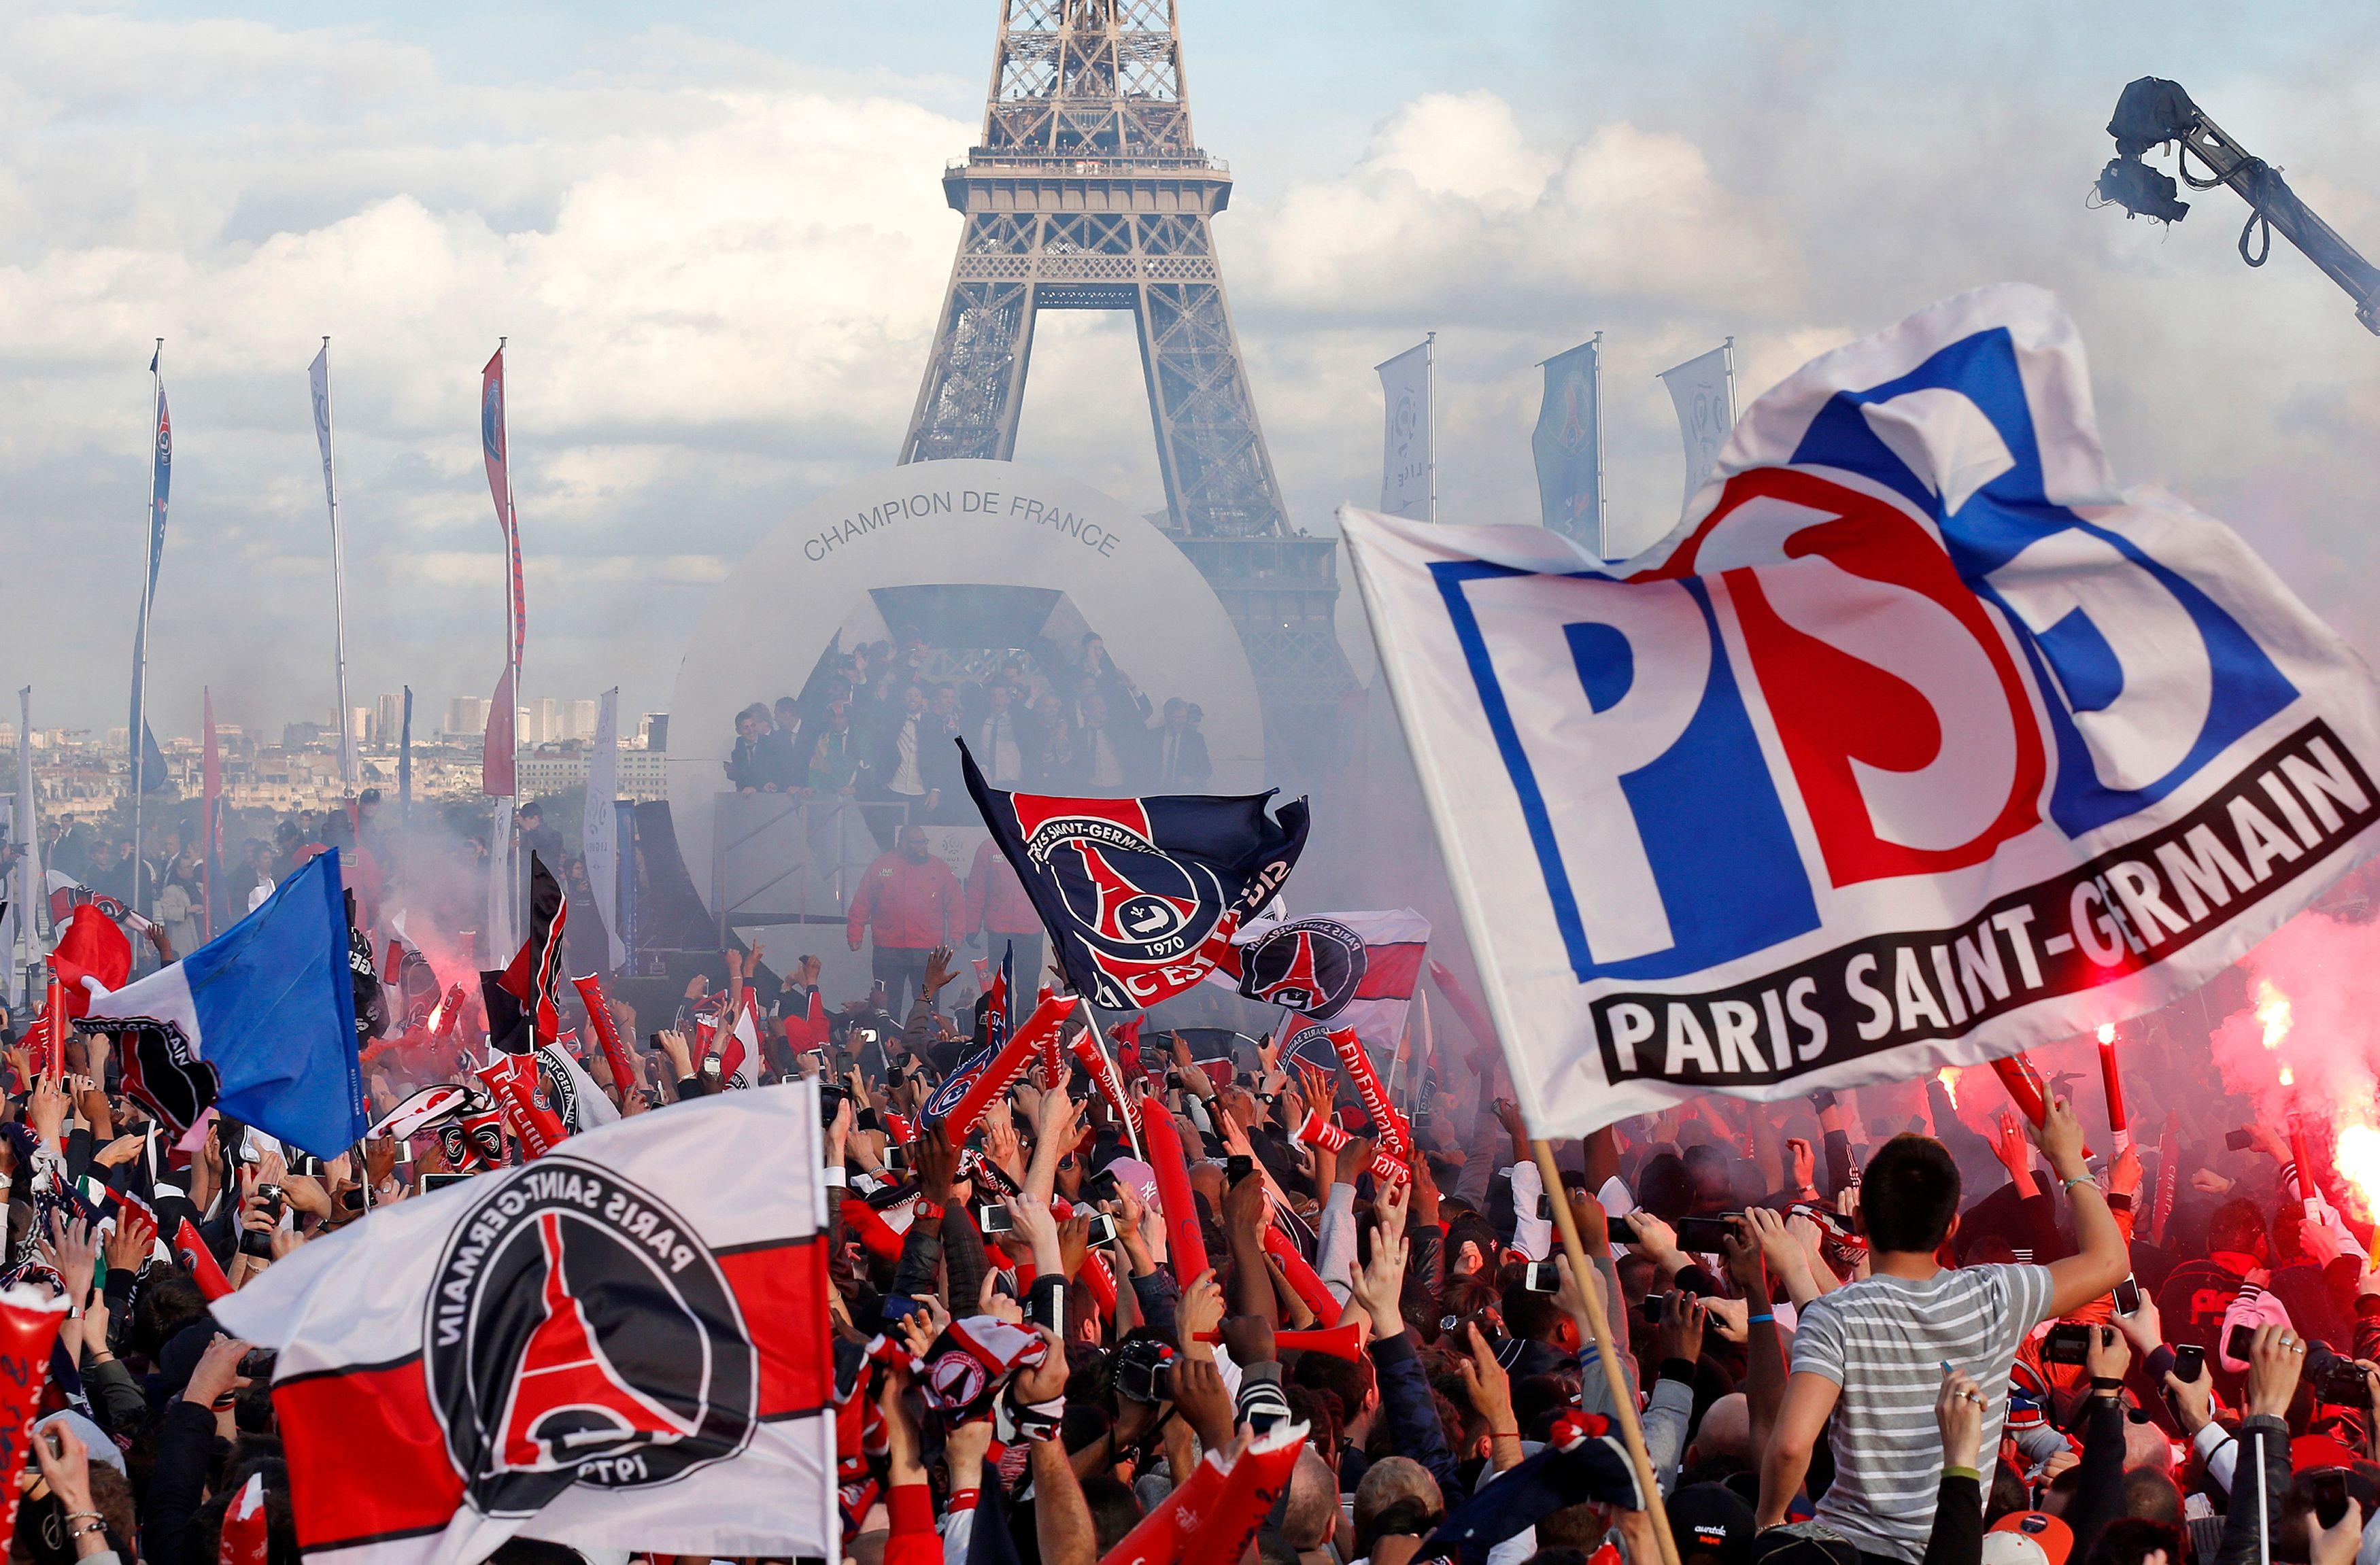 Les émeutes ont entâché la fête que le PSG avait organisé après avoir remporté le championnat de France